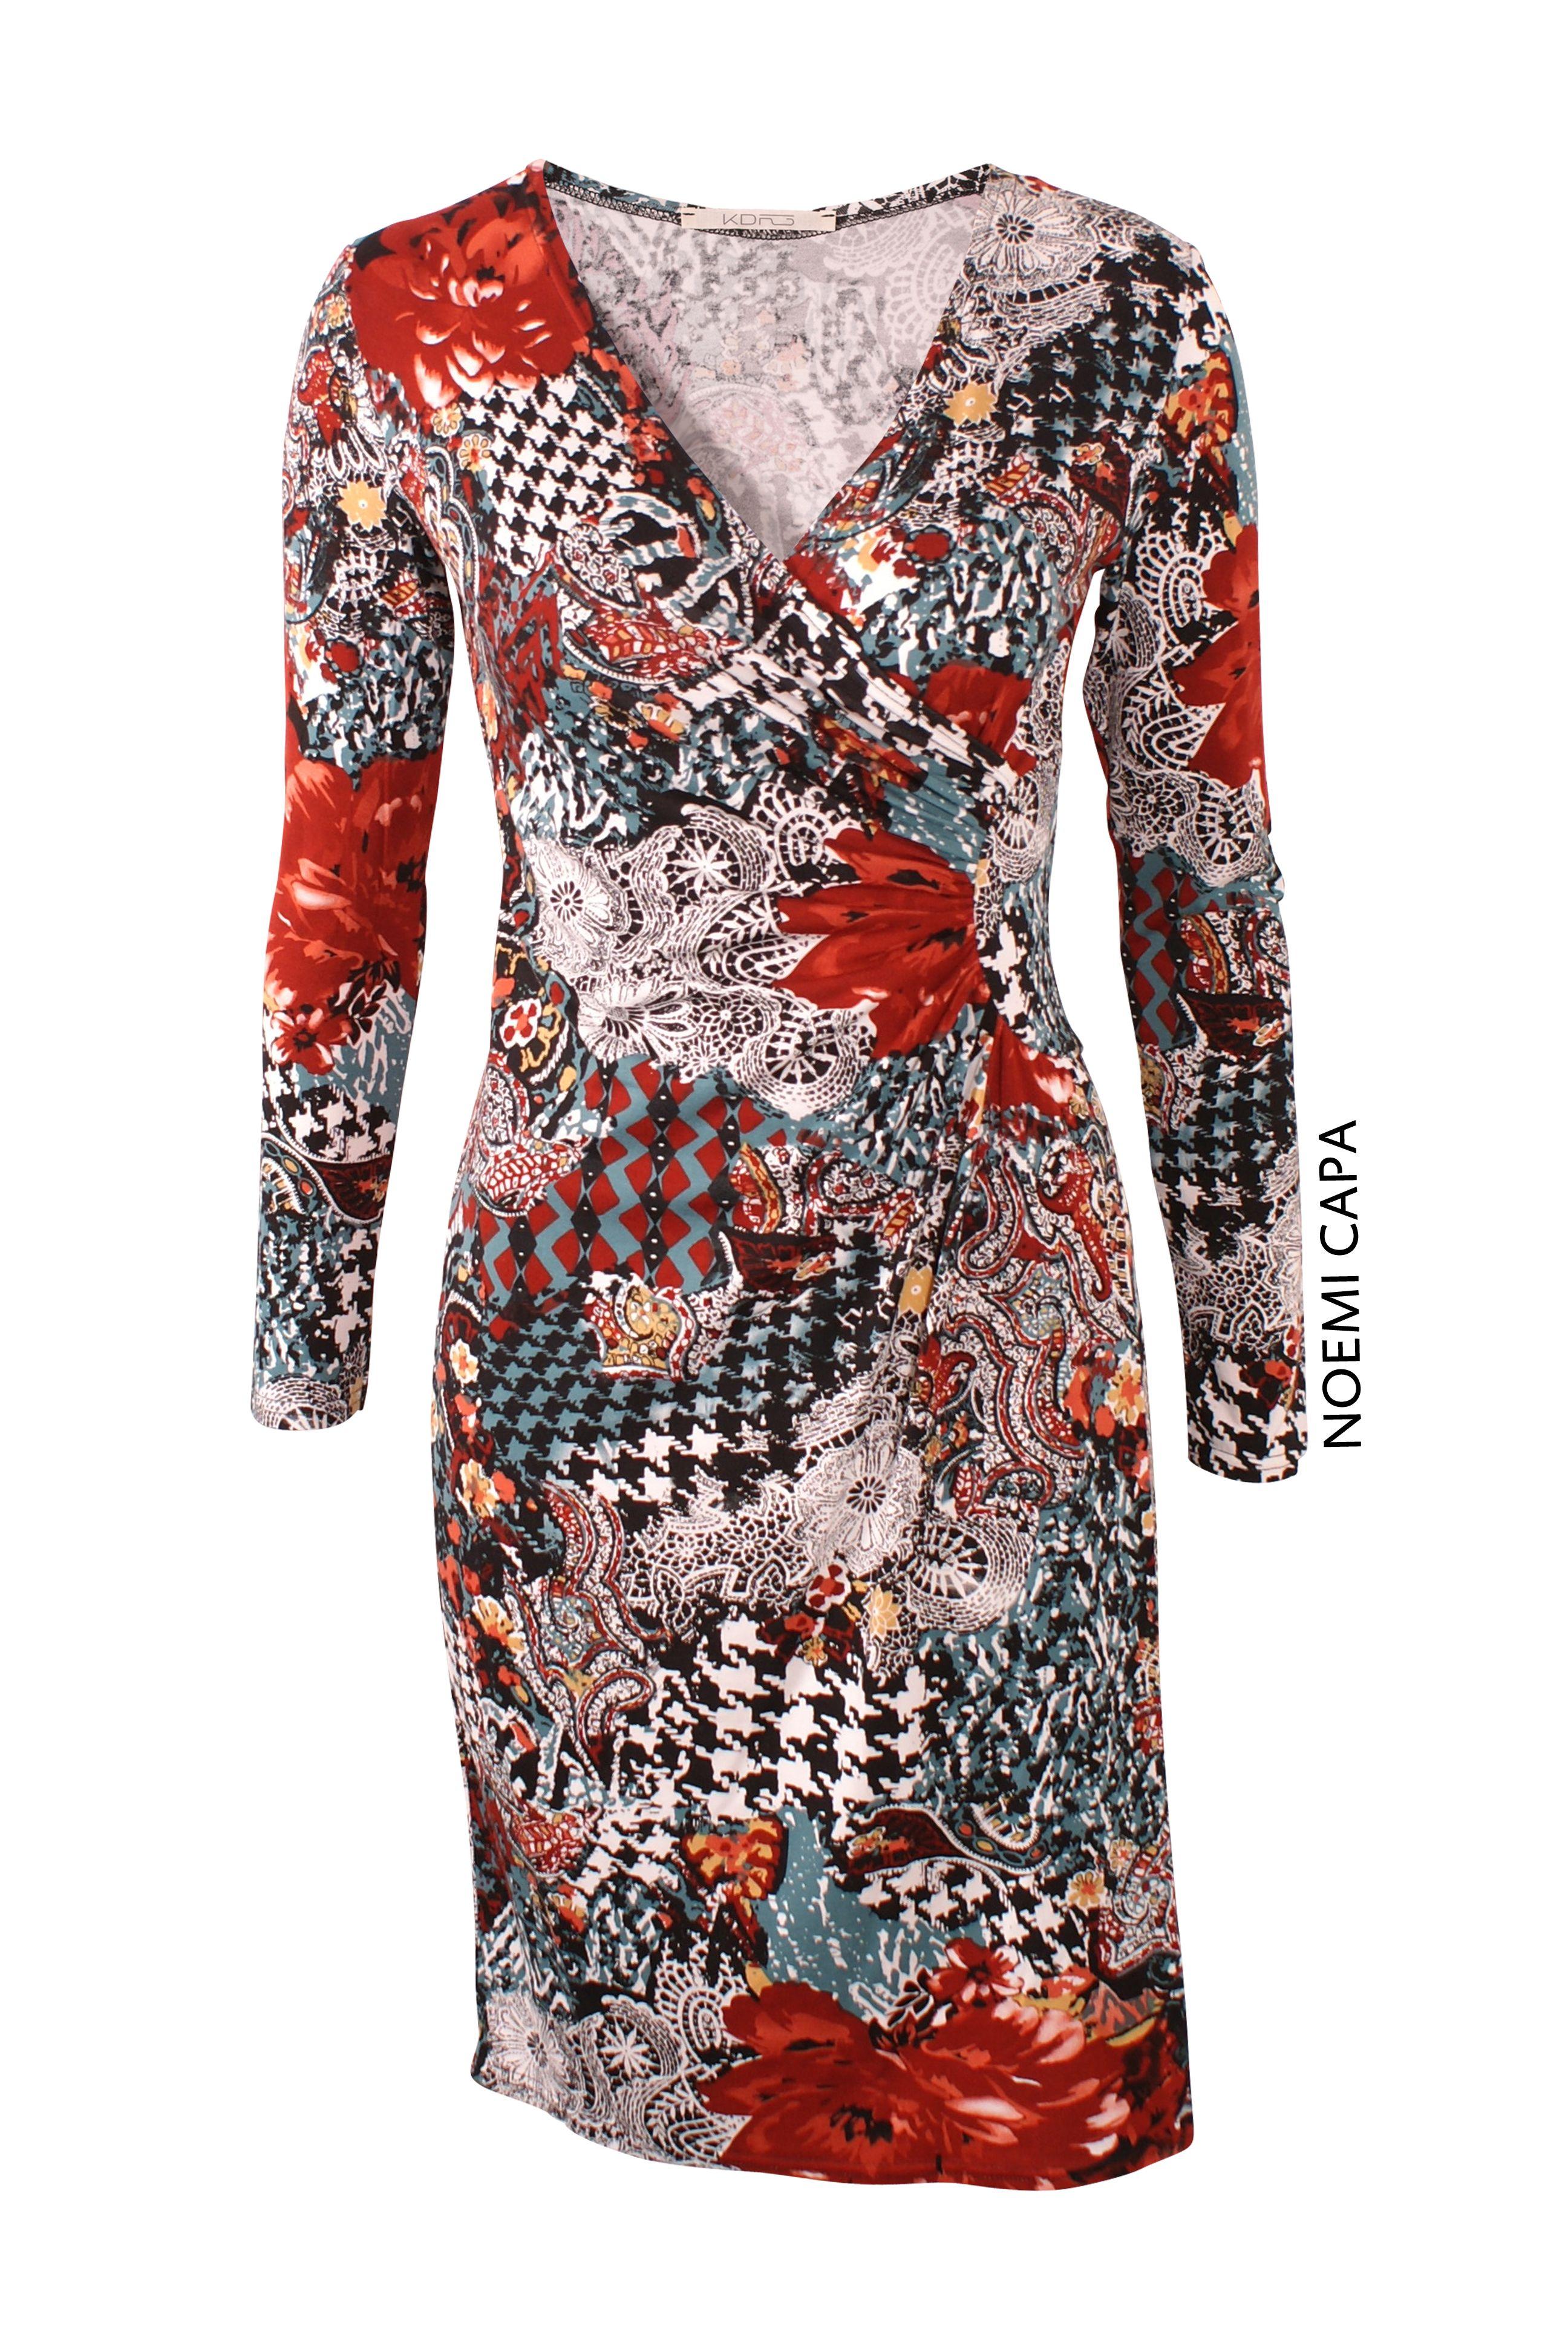 Noemi Capa von KD Klaus Dilkrath #kdklausdilkrath #kd #dilkrath #kd12 #outfit